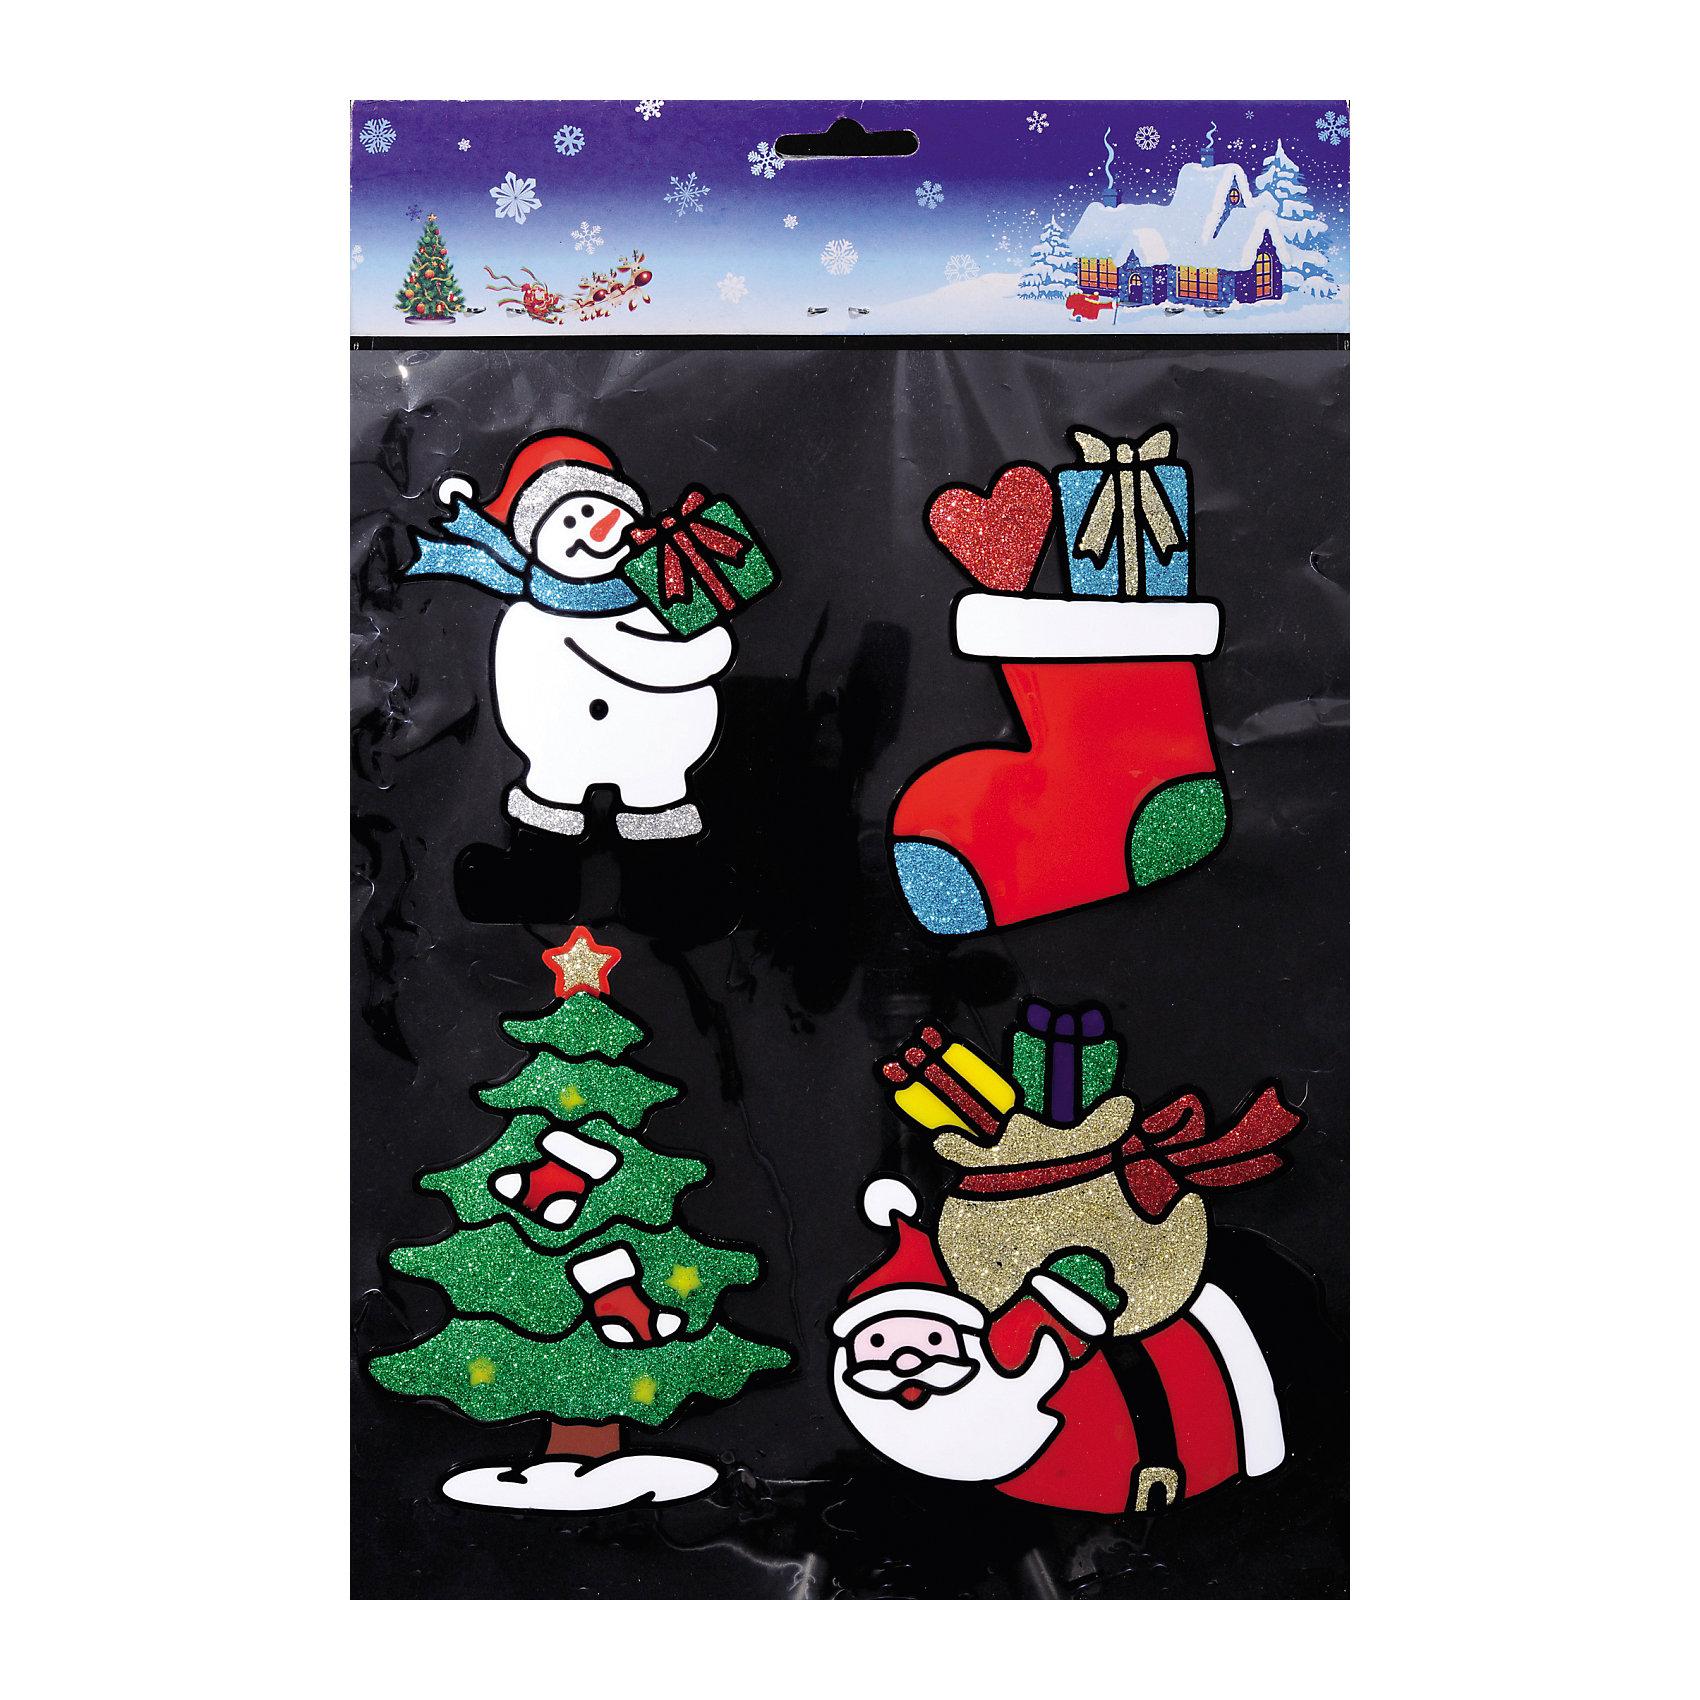 Наклейки на окно Новогодние хлопоты (4 шт) 12,5*15 смНовинки Новый Год<br>При помощи Наклеек на окно Новогодние хлопоты (4 шт) 12,5*15 см с изображениями главных символов Нового Года и Рождества (снеговик, носочек для подарков, Дед Мороз, елочка) и других аксессуаров можно составить на стекле целое зимнее панно, которое будет радовать глаз и поднимать настроение в праздничные дни! Также Вы можете преподнести этот сувенир в качестве мини-презента коллегам, близким и друзьям с пожеланиями счастливого Нового Года!<br><br>Дополнительная информация:<br>-Материалы: силикон, блестки<br>-Размер в упаковке: 12,5х0,5х15 см<br>-Вес в упаковке: 77 г<br>-Размер: 12,5х15 см<br><br>Наклейки на окно Новогодние хлопоты (4 шт) 12,5*15 см можно купить в нашем магазине.<br><br>Ширина мм: 125<br>Глубина мм: 5<br>Высота мм: 150<br>Вес г: 77<br>Возраст от месяцев: 84<br>Возраст до месяцев: 2147483647<br>Пол: Унисекс<br>Возраст: Детский<br>SKU: 4286723